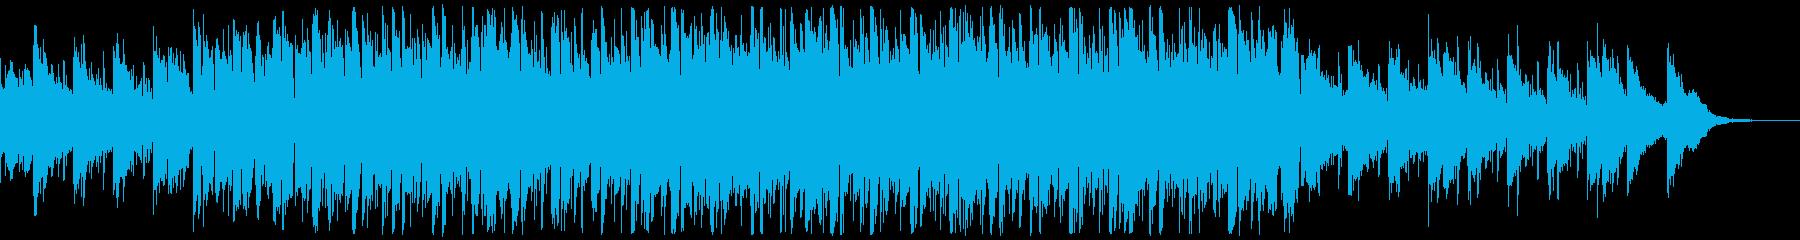 天気予報やニュース番組BGMの再生済みの波形